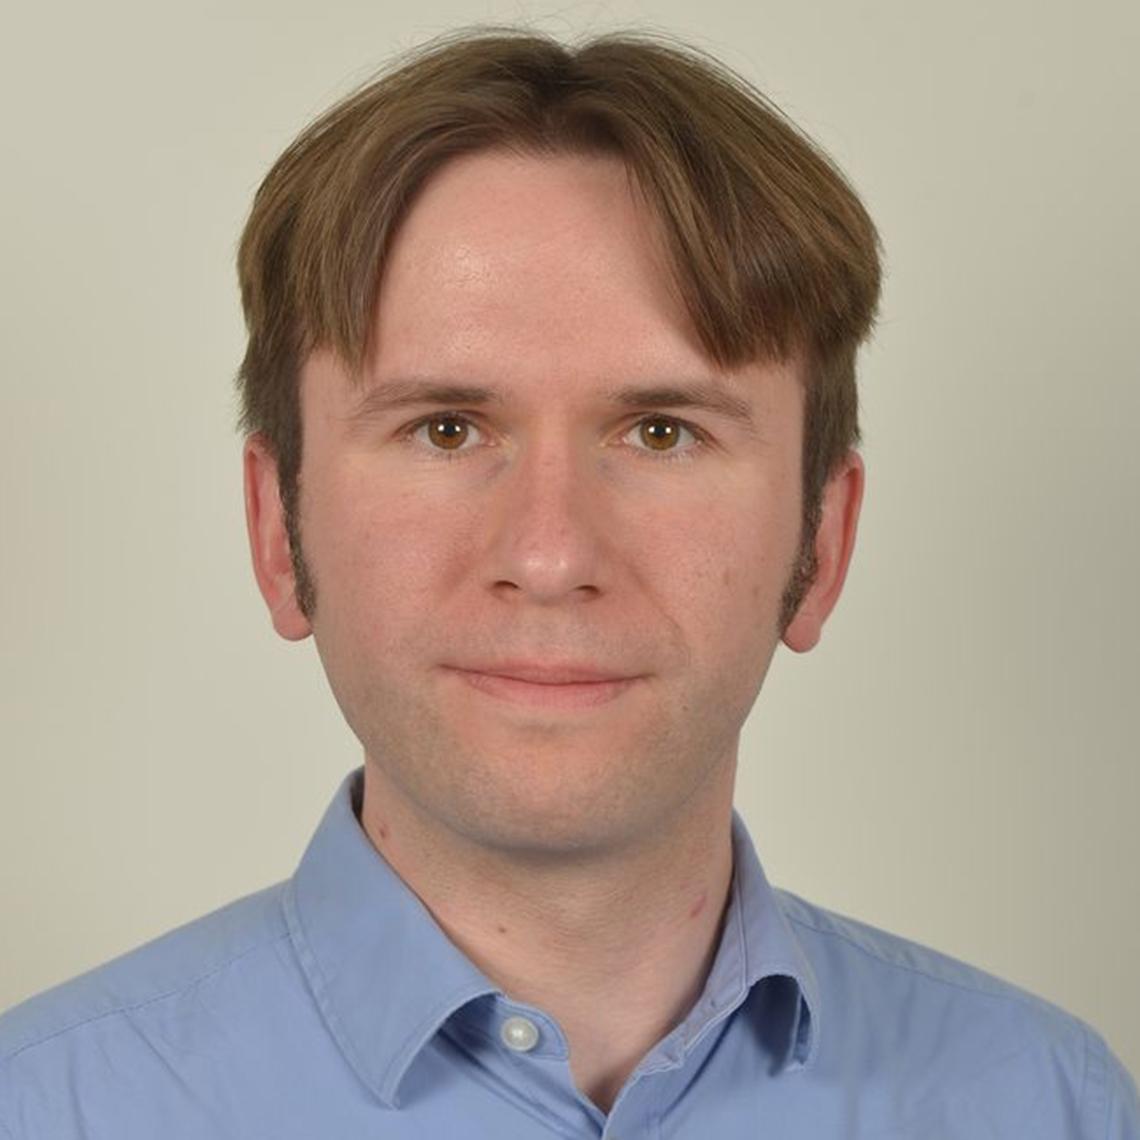 Christian Mauder